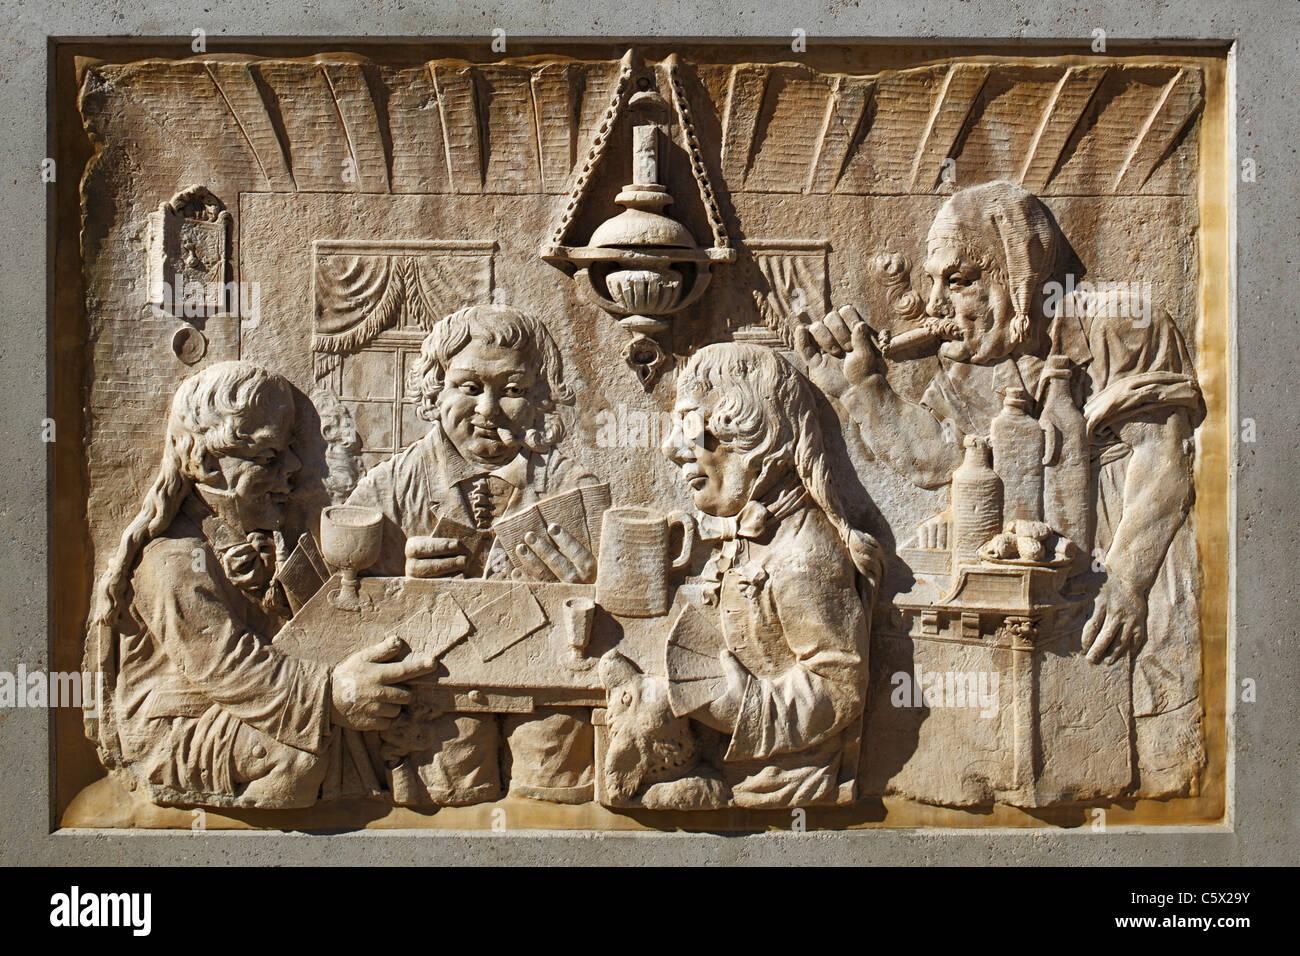 Steinrelief mit einer Wirtshausszene in der Rheinstrasse von Koblenz, Rheinland-Pfalz, Zechbrueder, Kartenspieler, - Stock Image